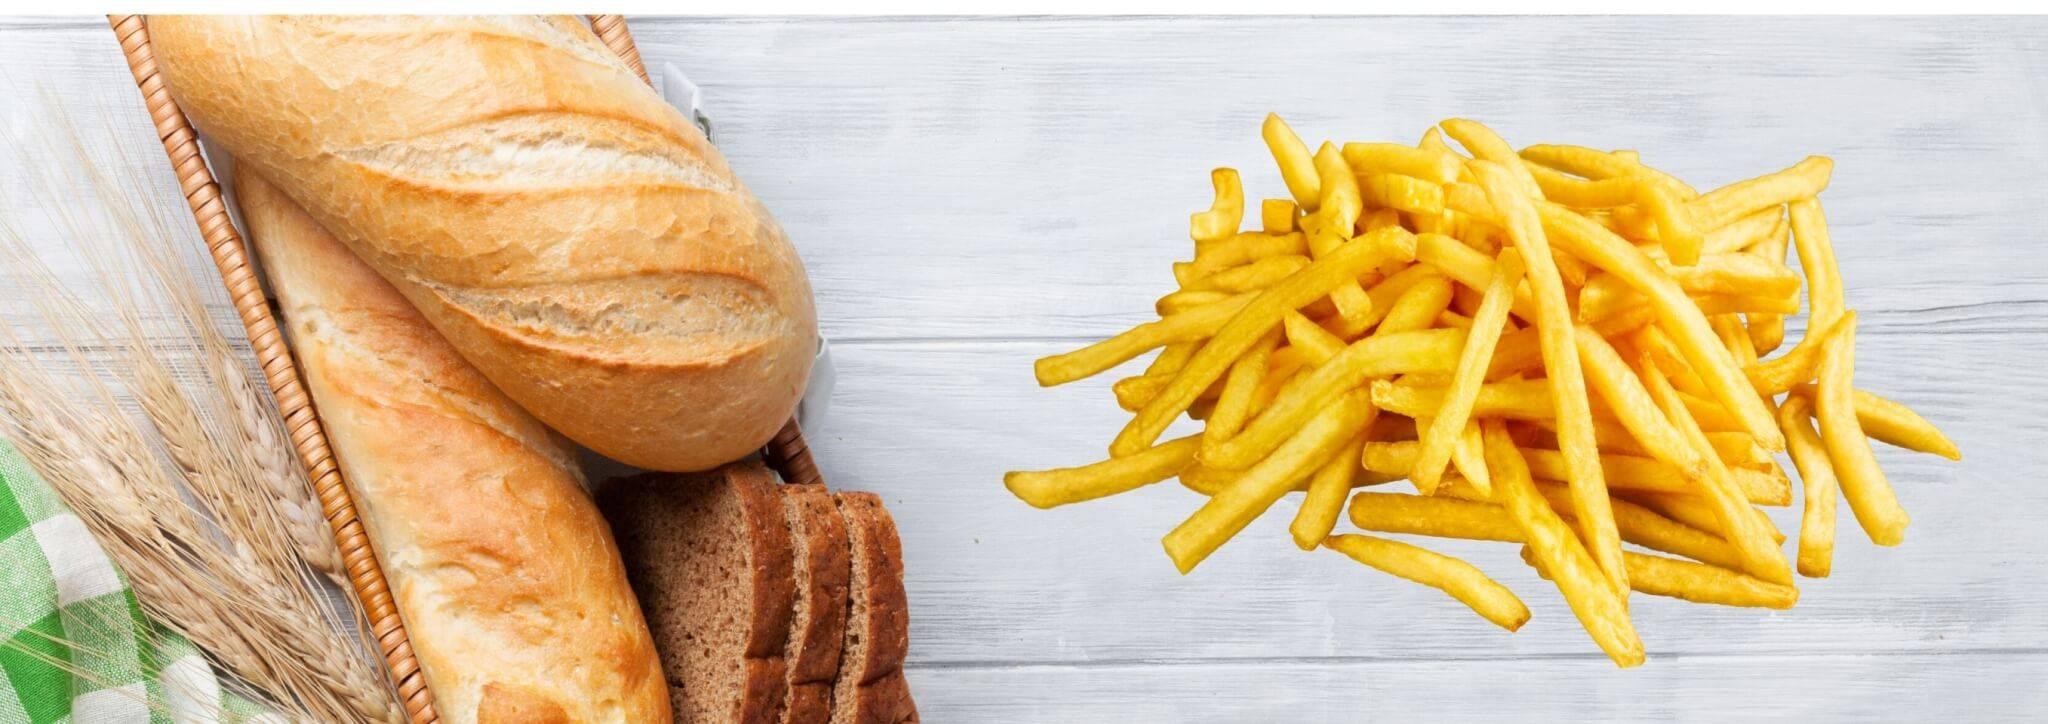 brood en friet